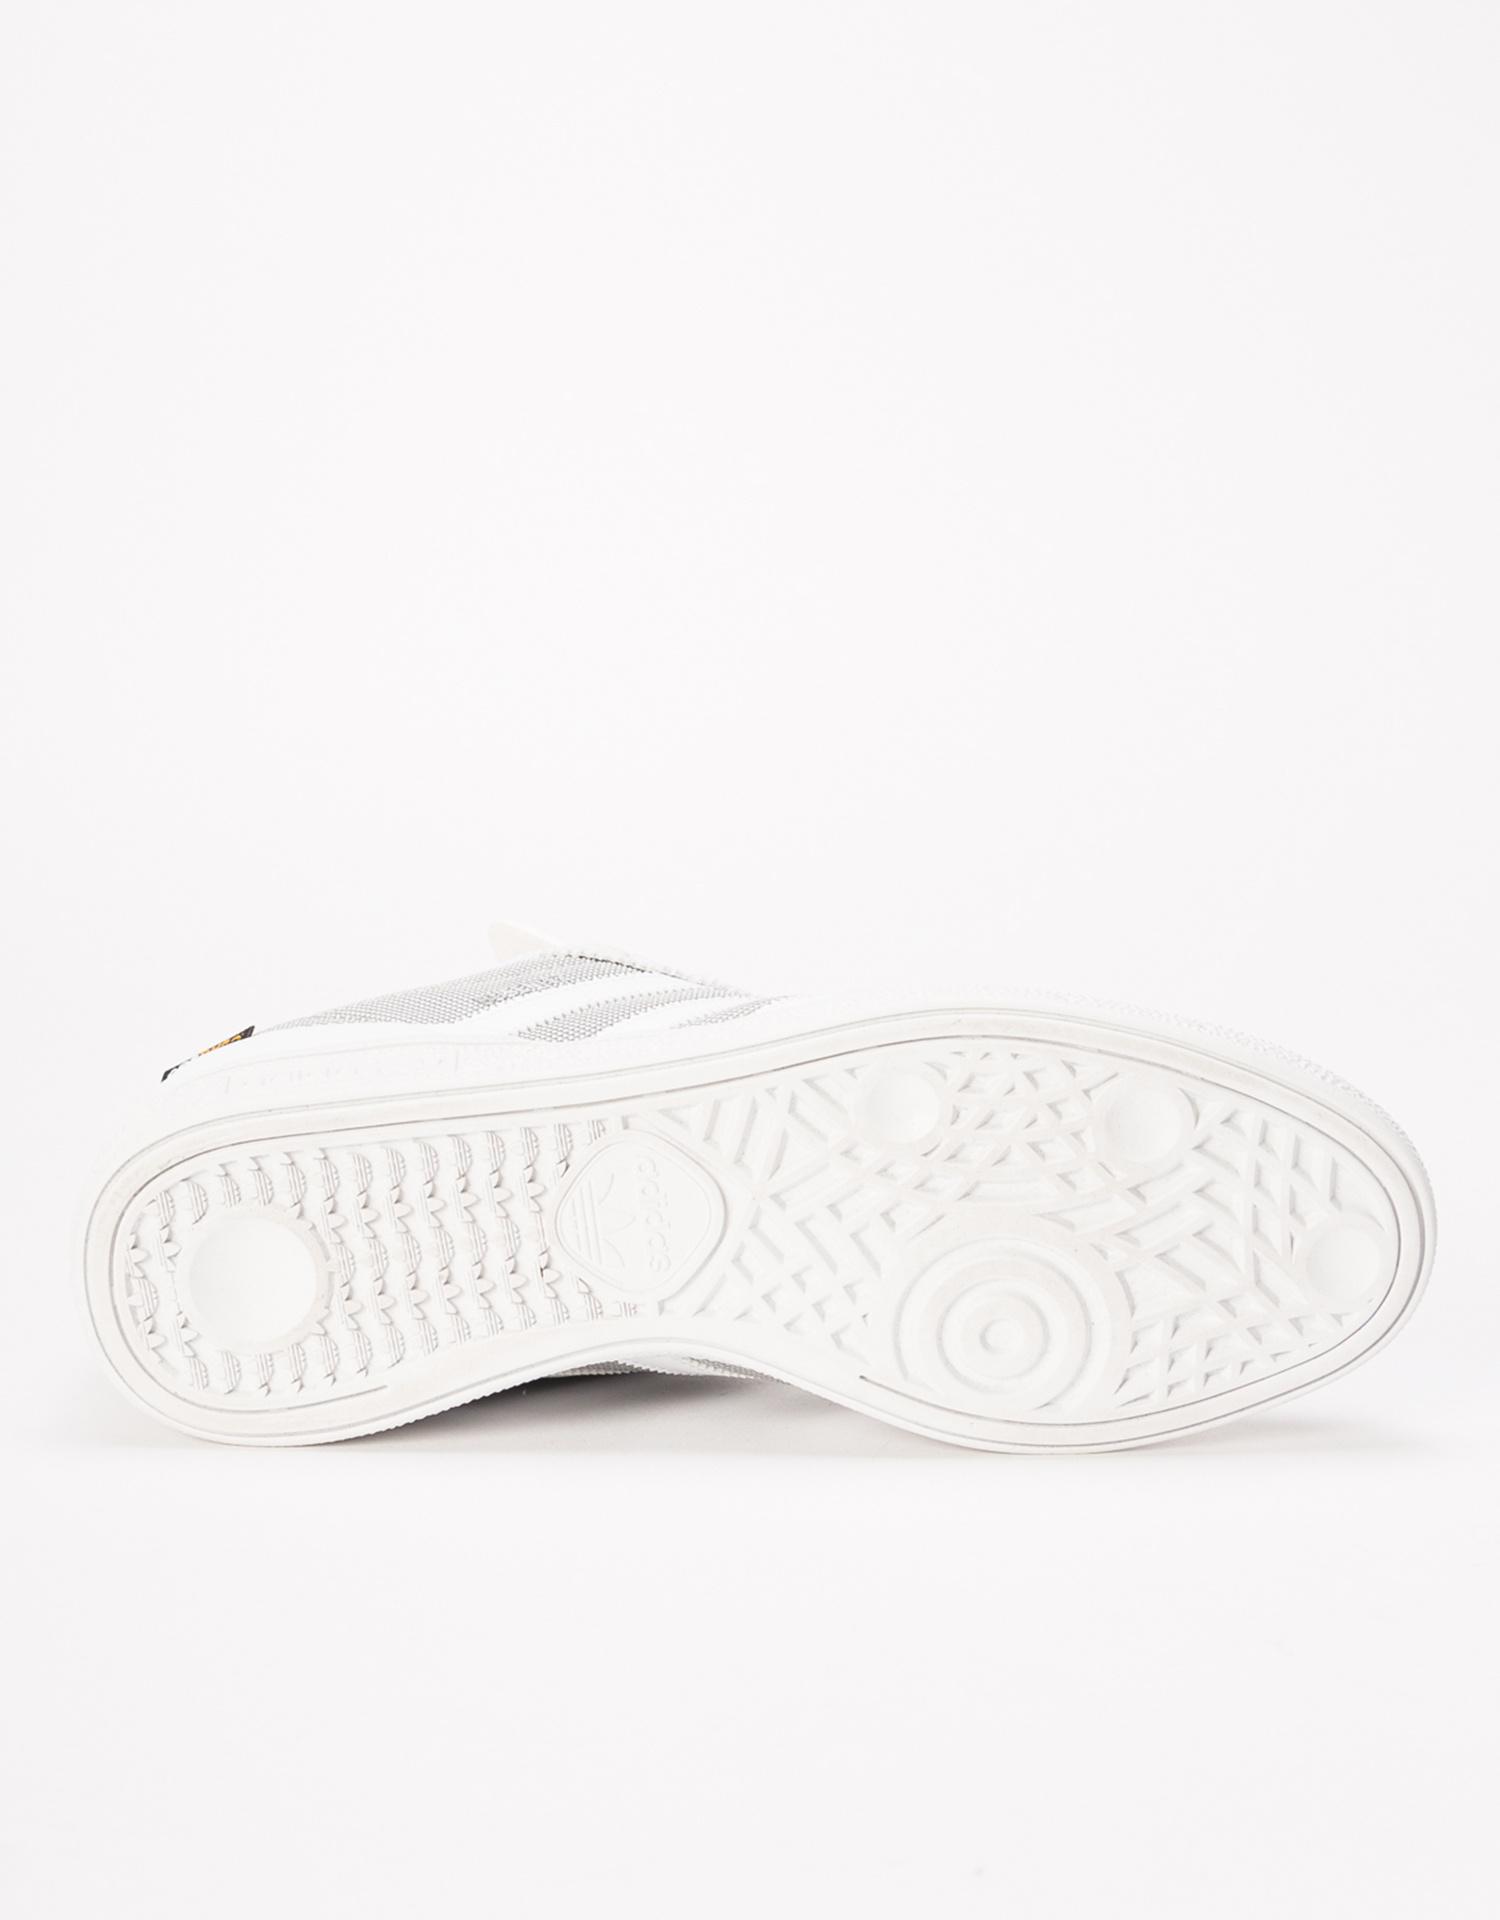 Adidas busenitz ftwwht/crywht/ftwwht